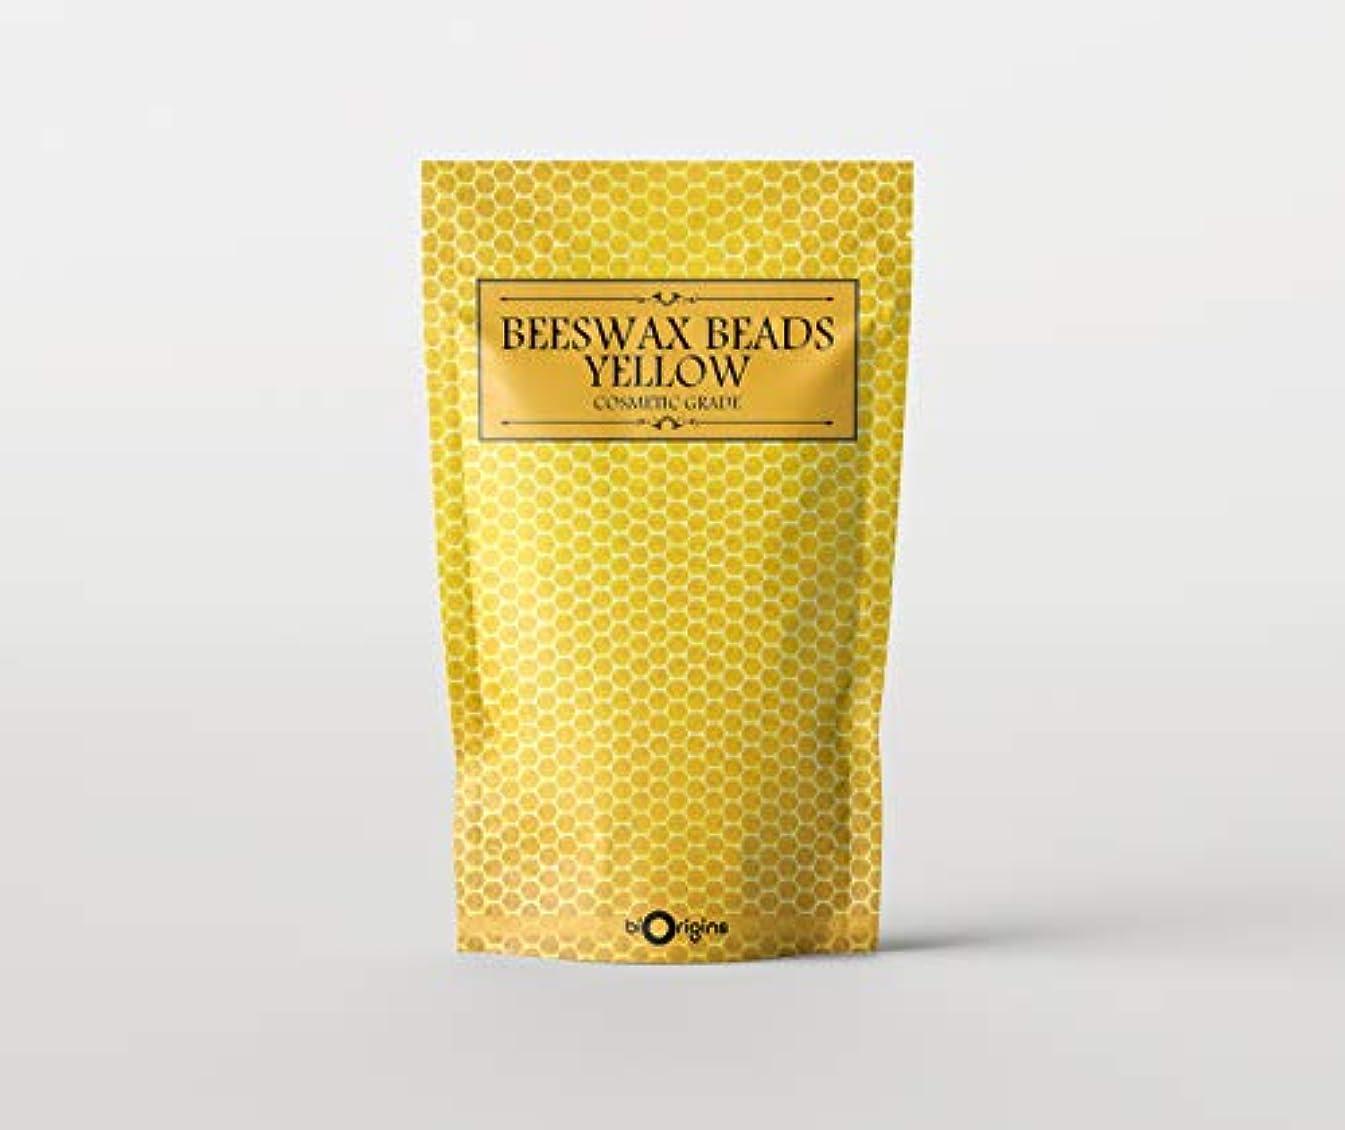 トランジスタと遊ぶ傾向があるBeeswax Beads Yellow - Cosmetic Grade - 500g